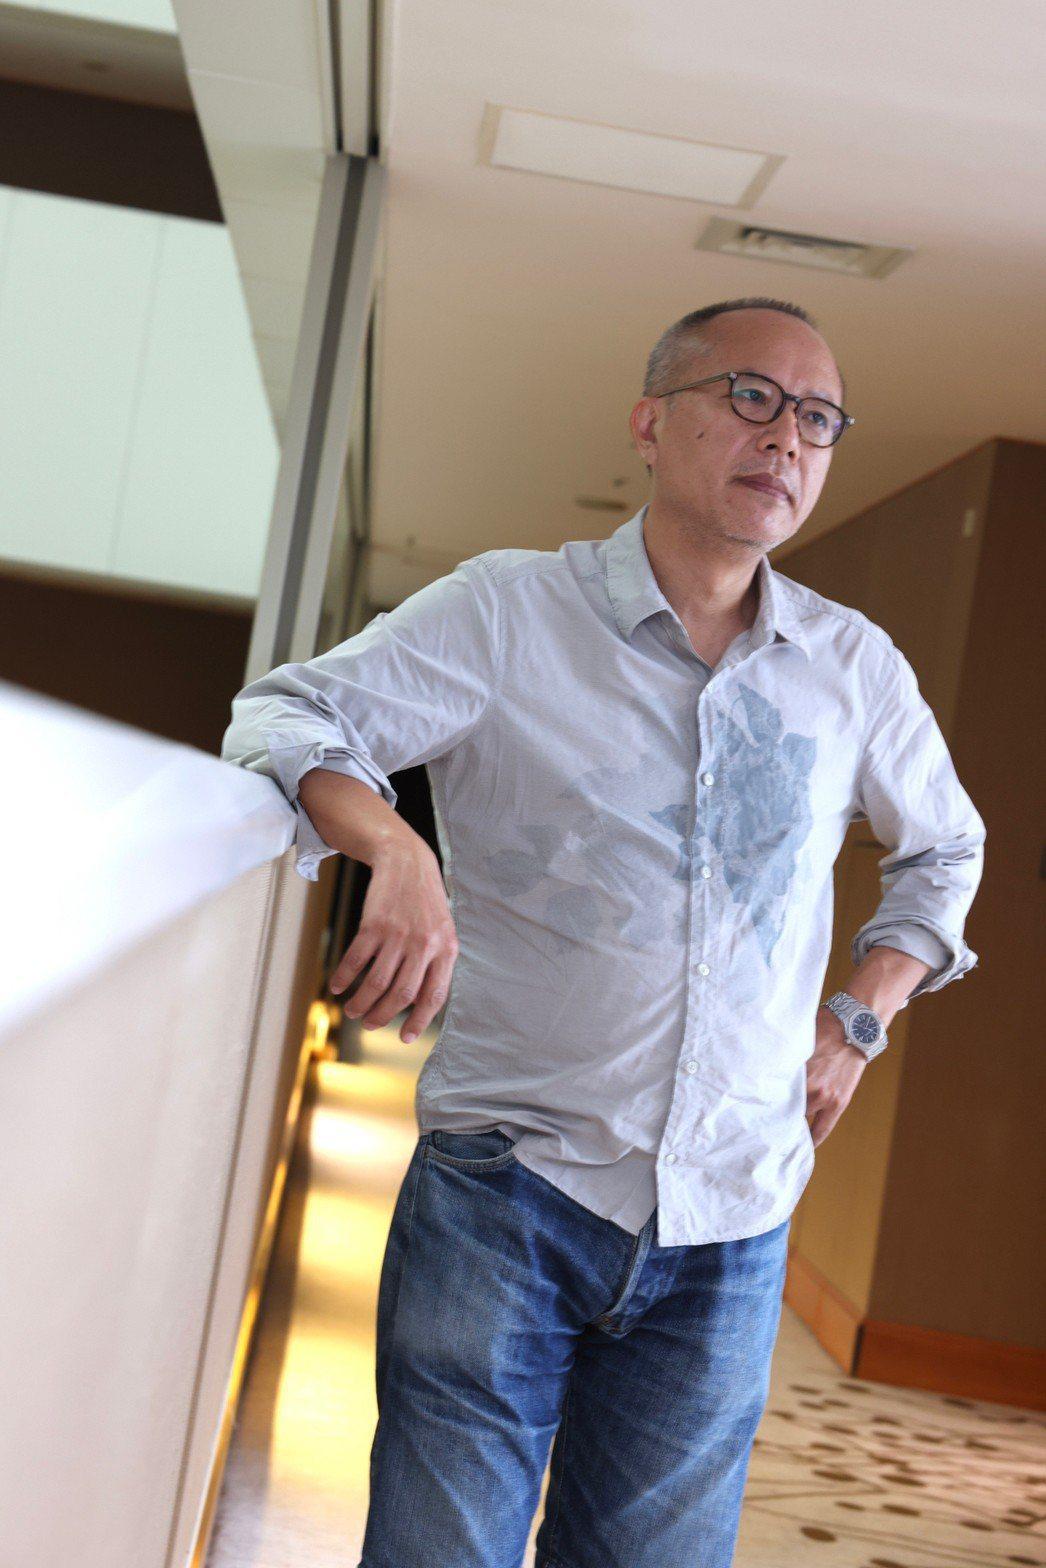 鍾孟宏坦言無論是金馬獎、奧斯卡獎,沒獲肯定時還是有些失落。記者王聰賢/攝影